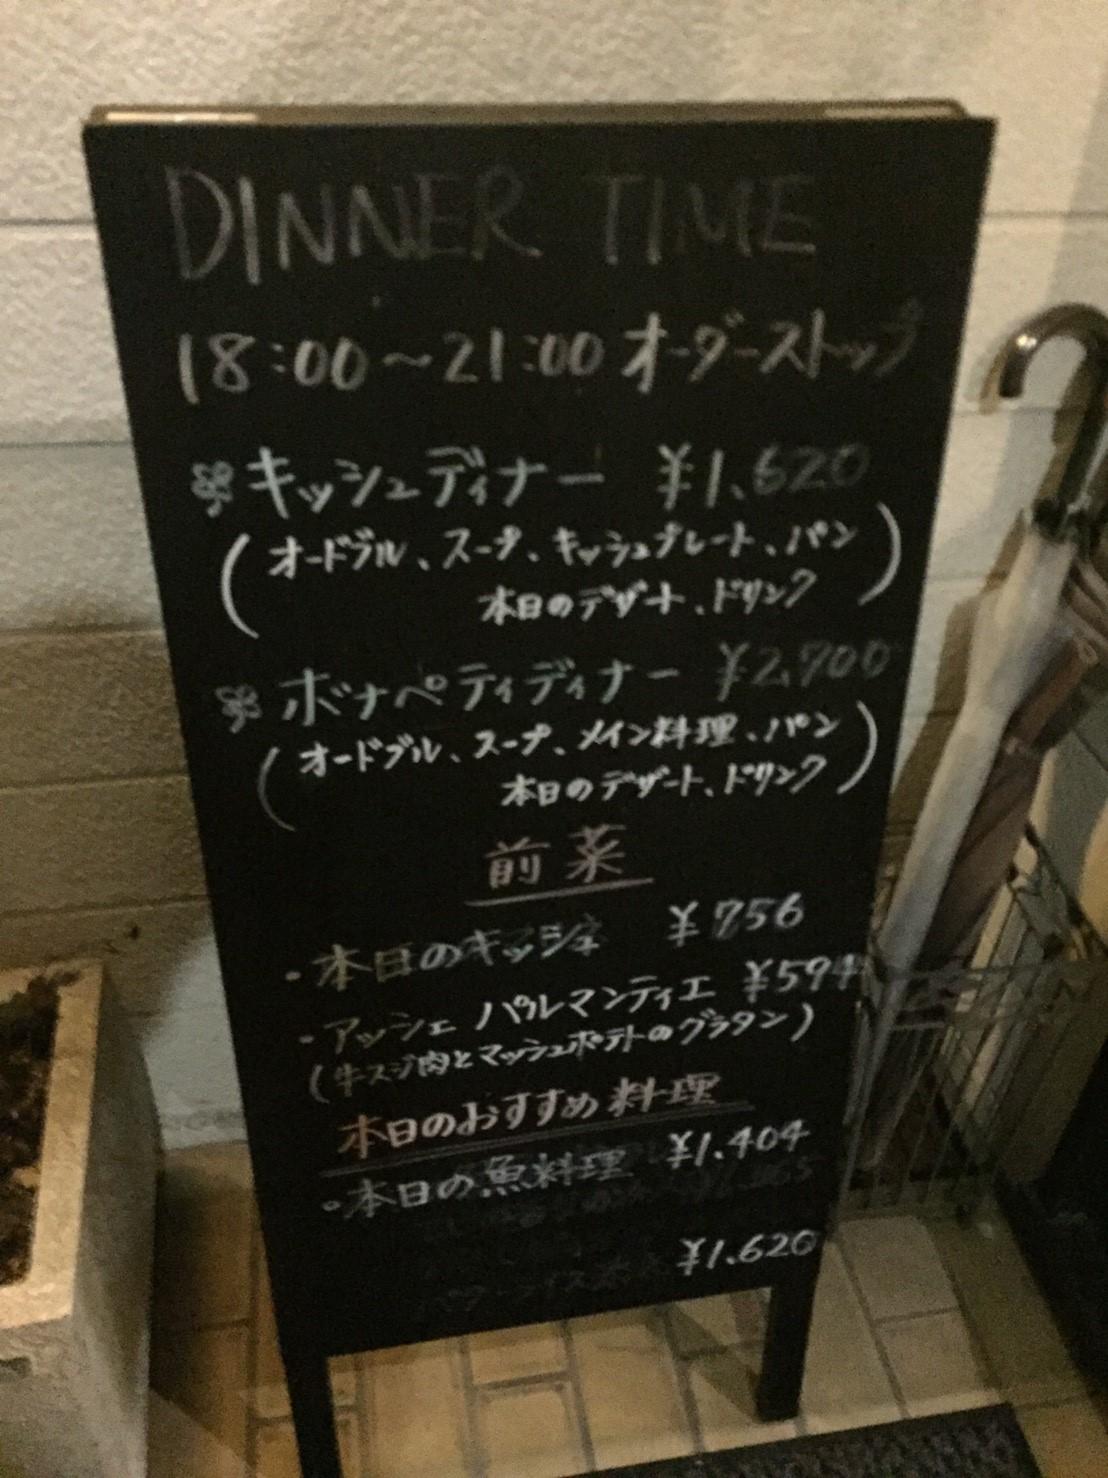 ふらんす食堂ボナペティ   ディナー_e0115904_20304406.jpg